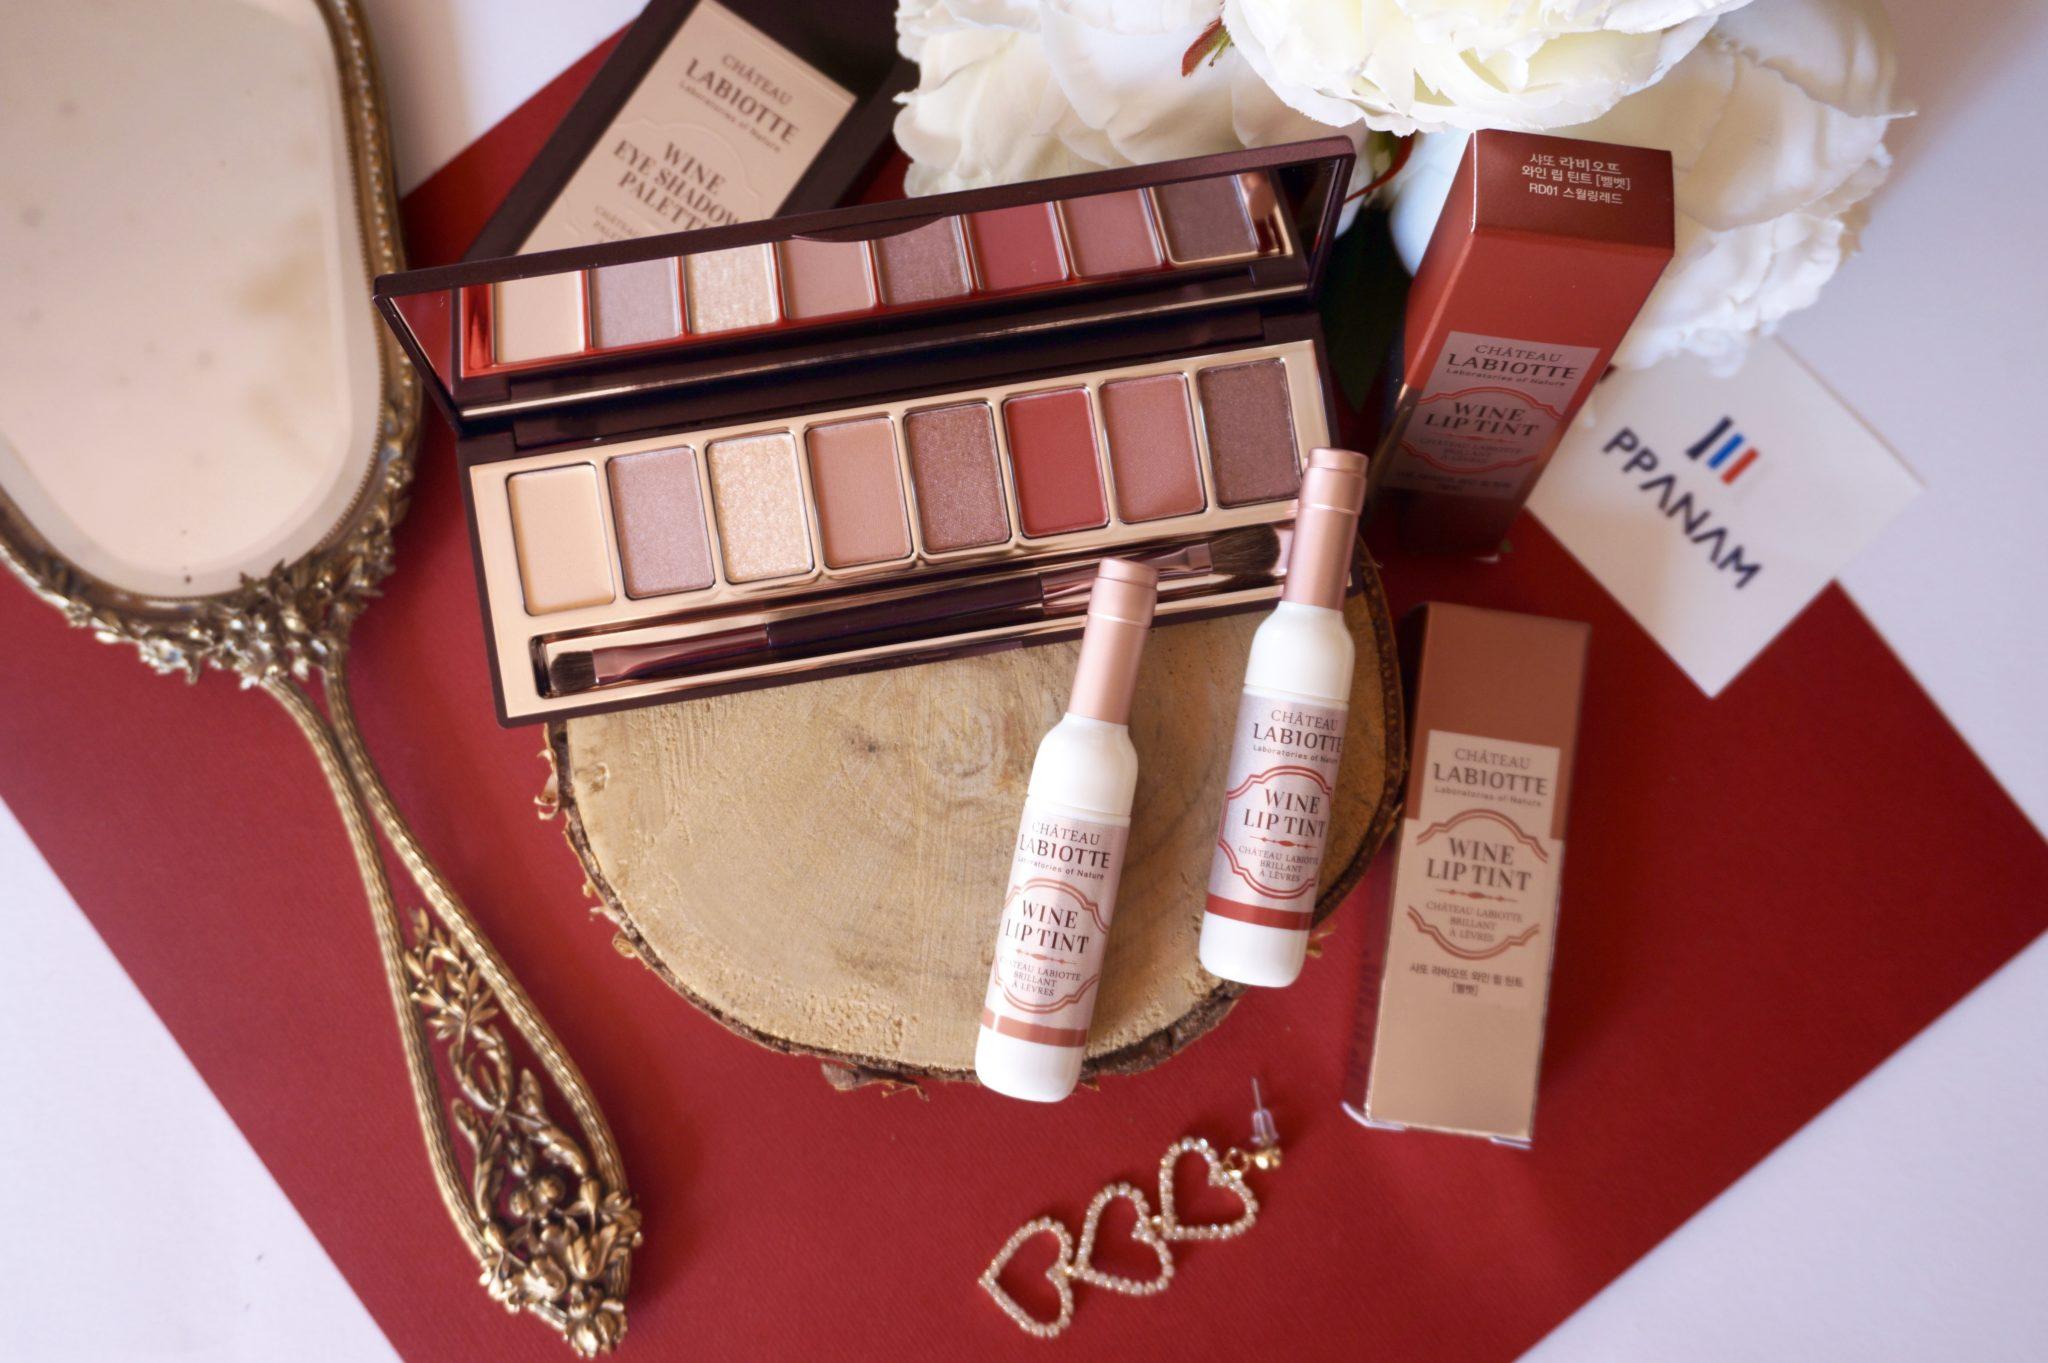 Maquillage Château Labiotte aux extraits de vin avec Ppanam